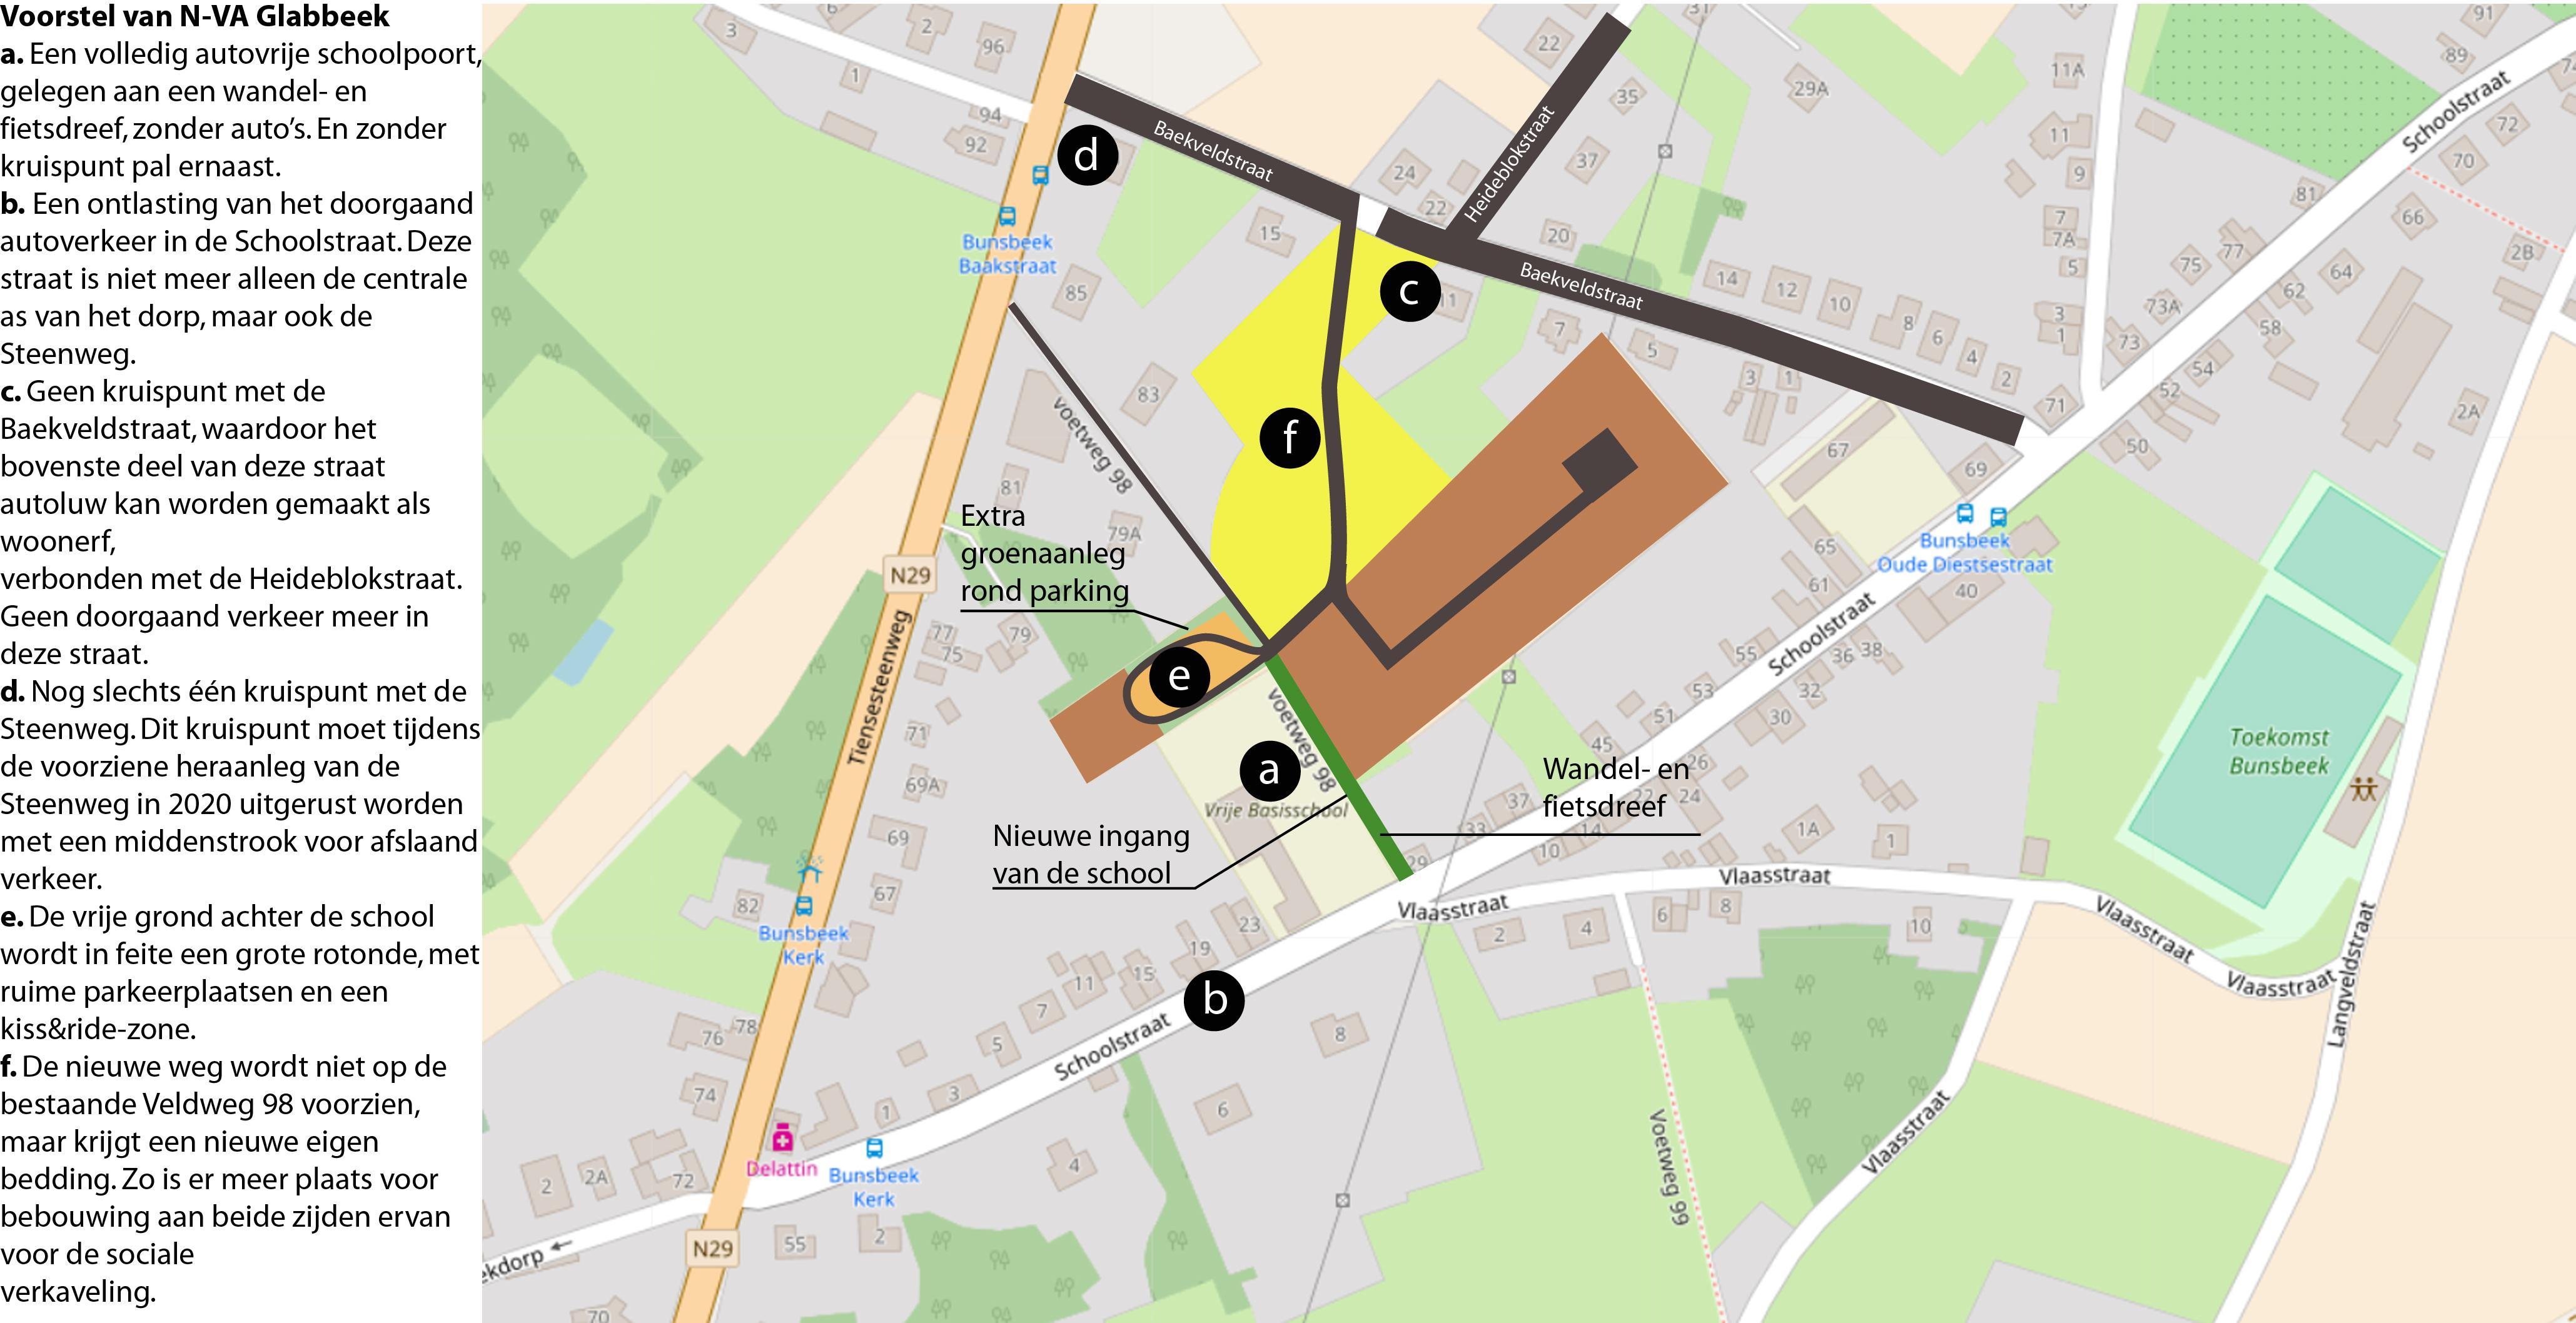 Schoolstraat Bunsbeek - schetsvoorstel N-VA Glabbeek